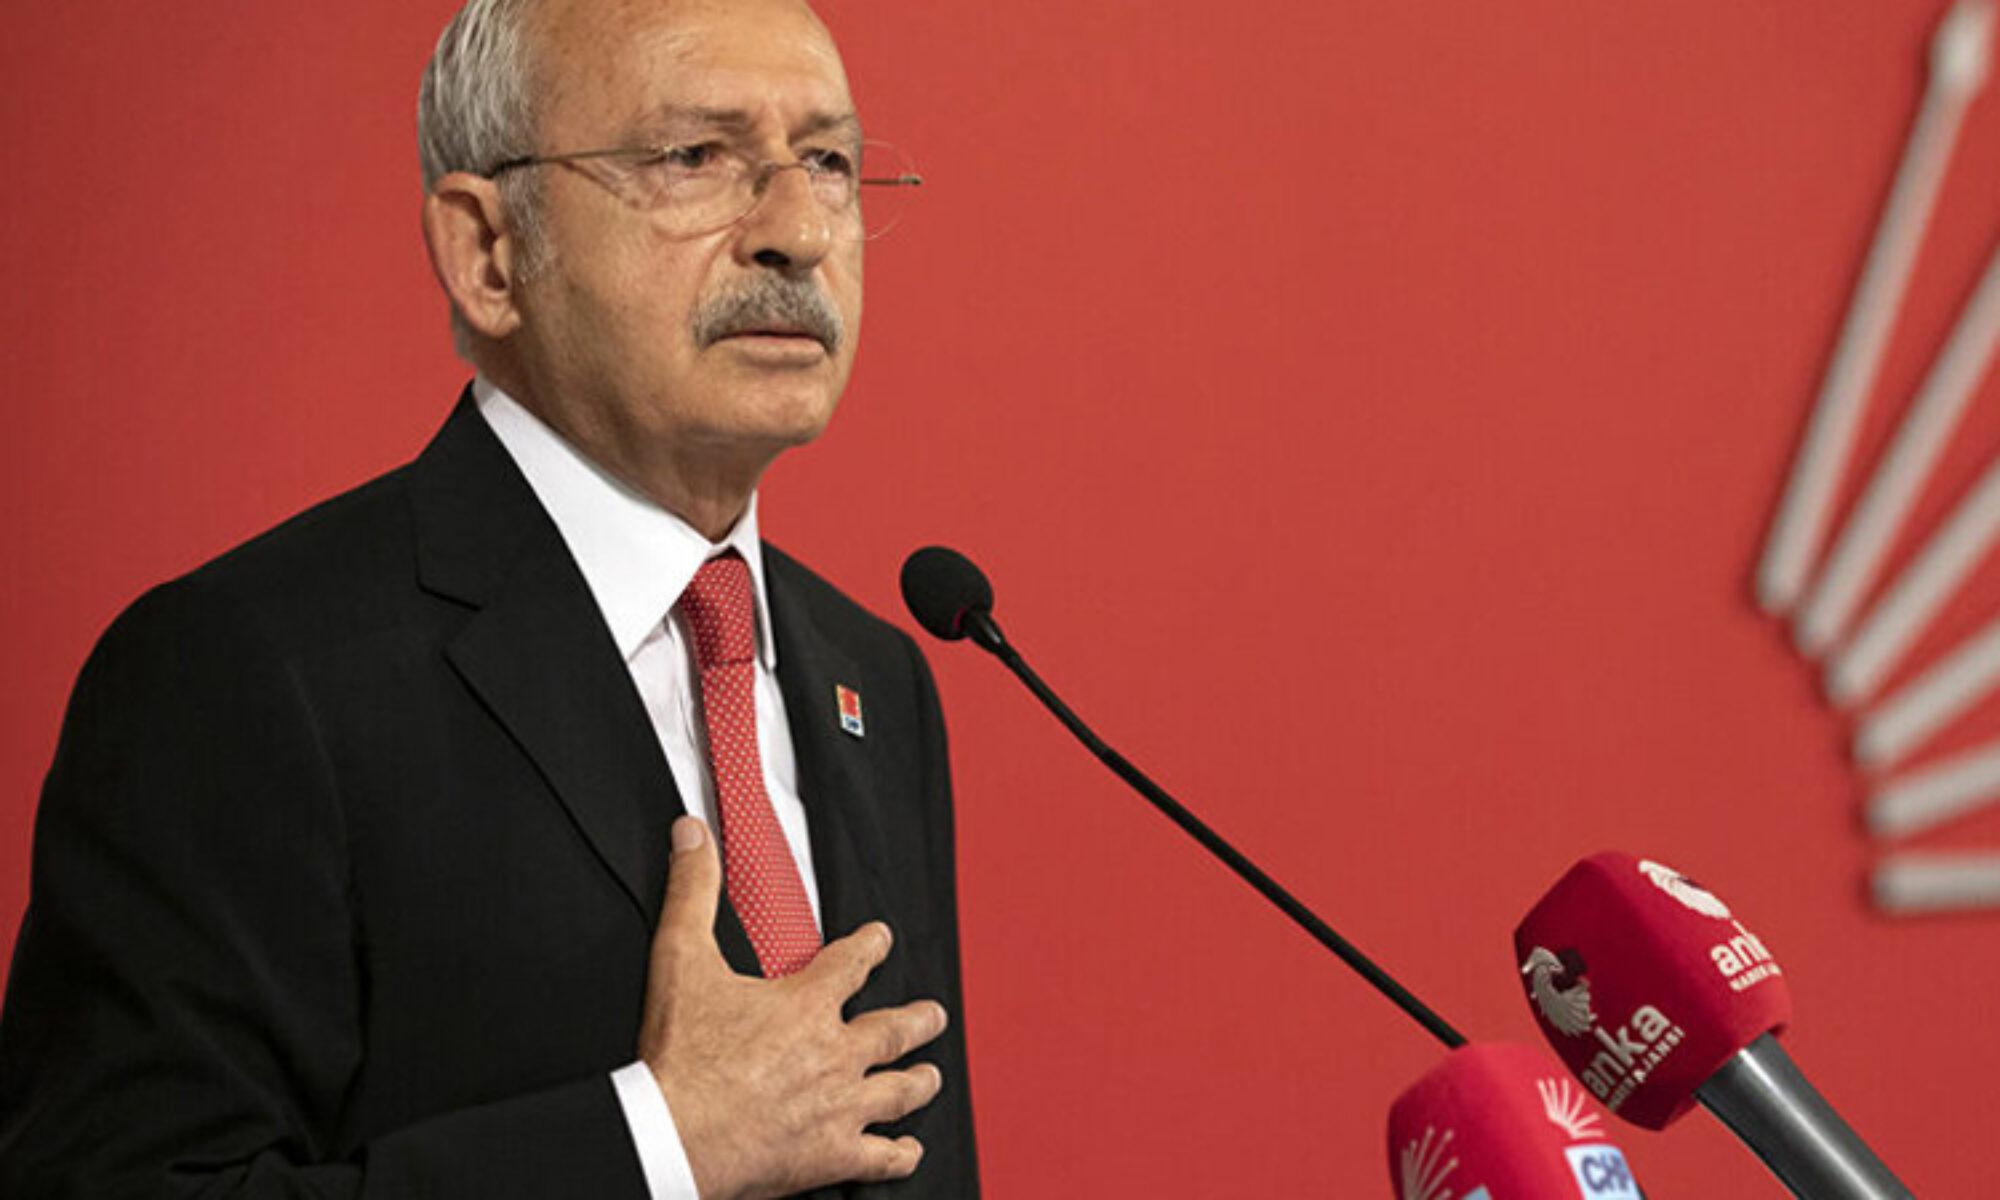 Kılıçdaroğlu Suriye'nin kimin yıktığını söylemeden çözüm arıyor: İktidar olsak Suriyelileri geri göndereceğiz